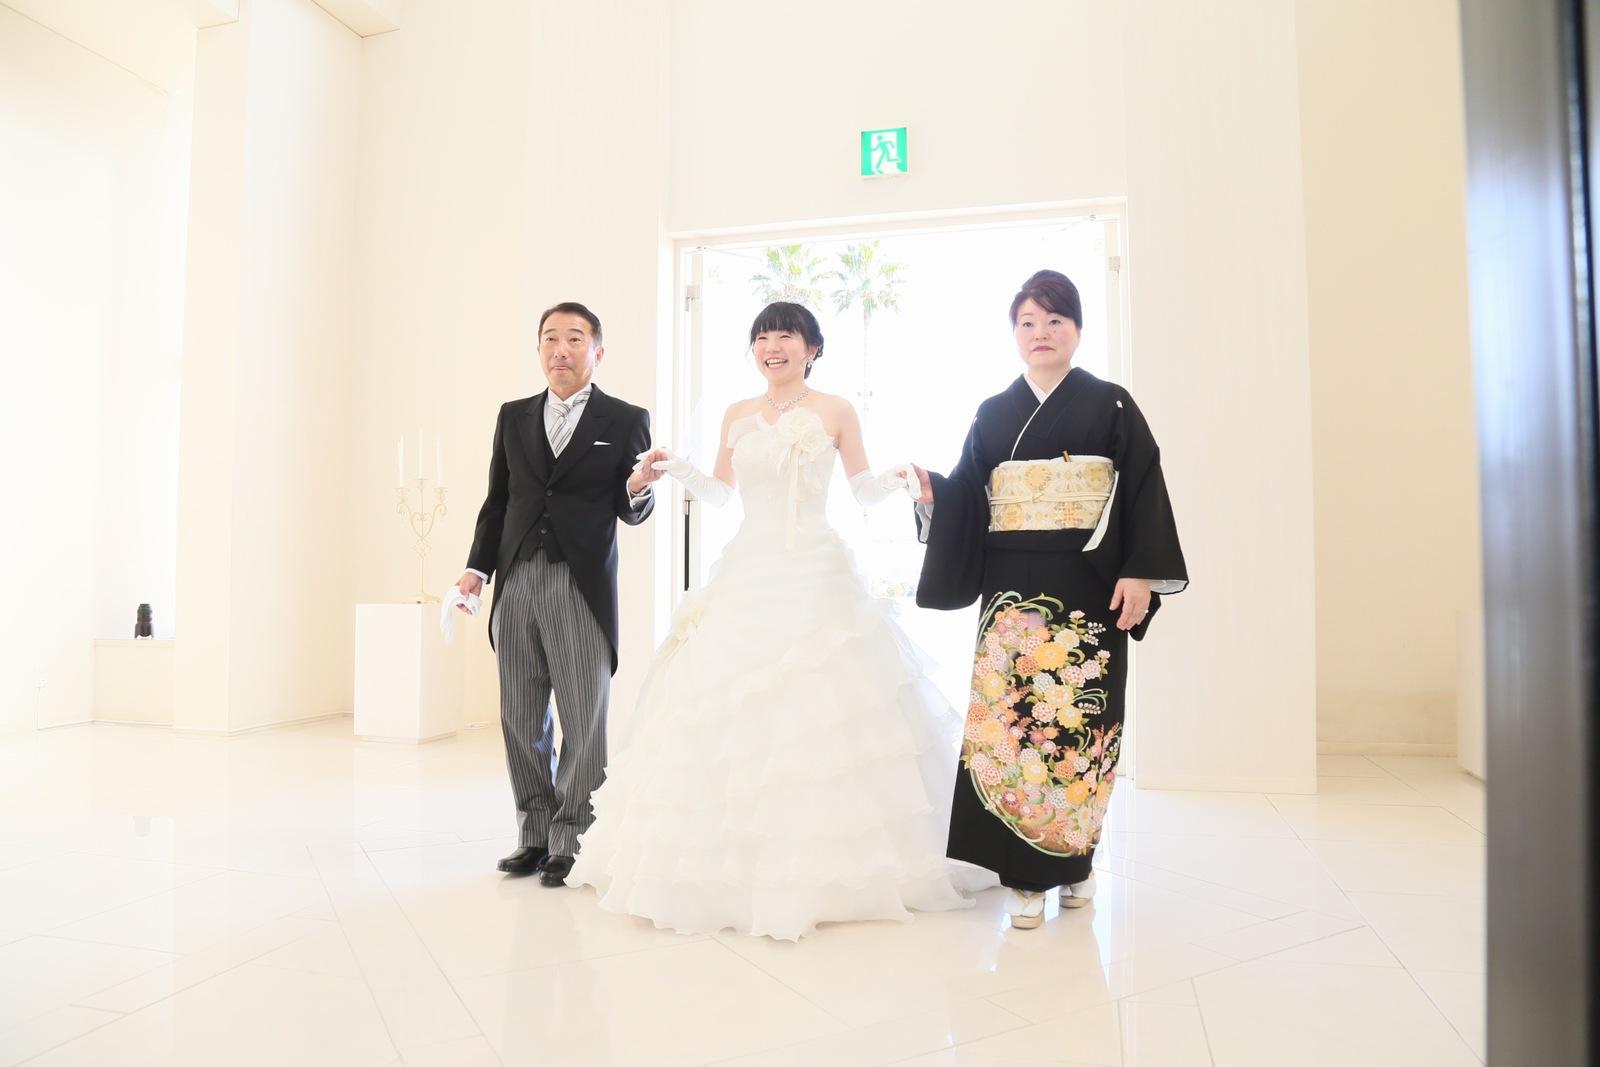 徳島市の結婚式場ブランアンジュで新婦様とご両親との感動のチャペル入場シーン